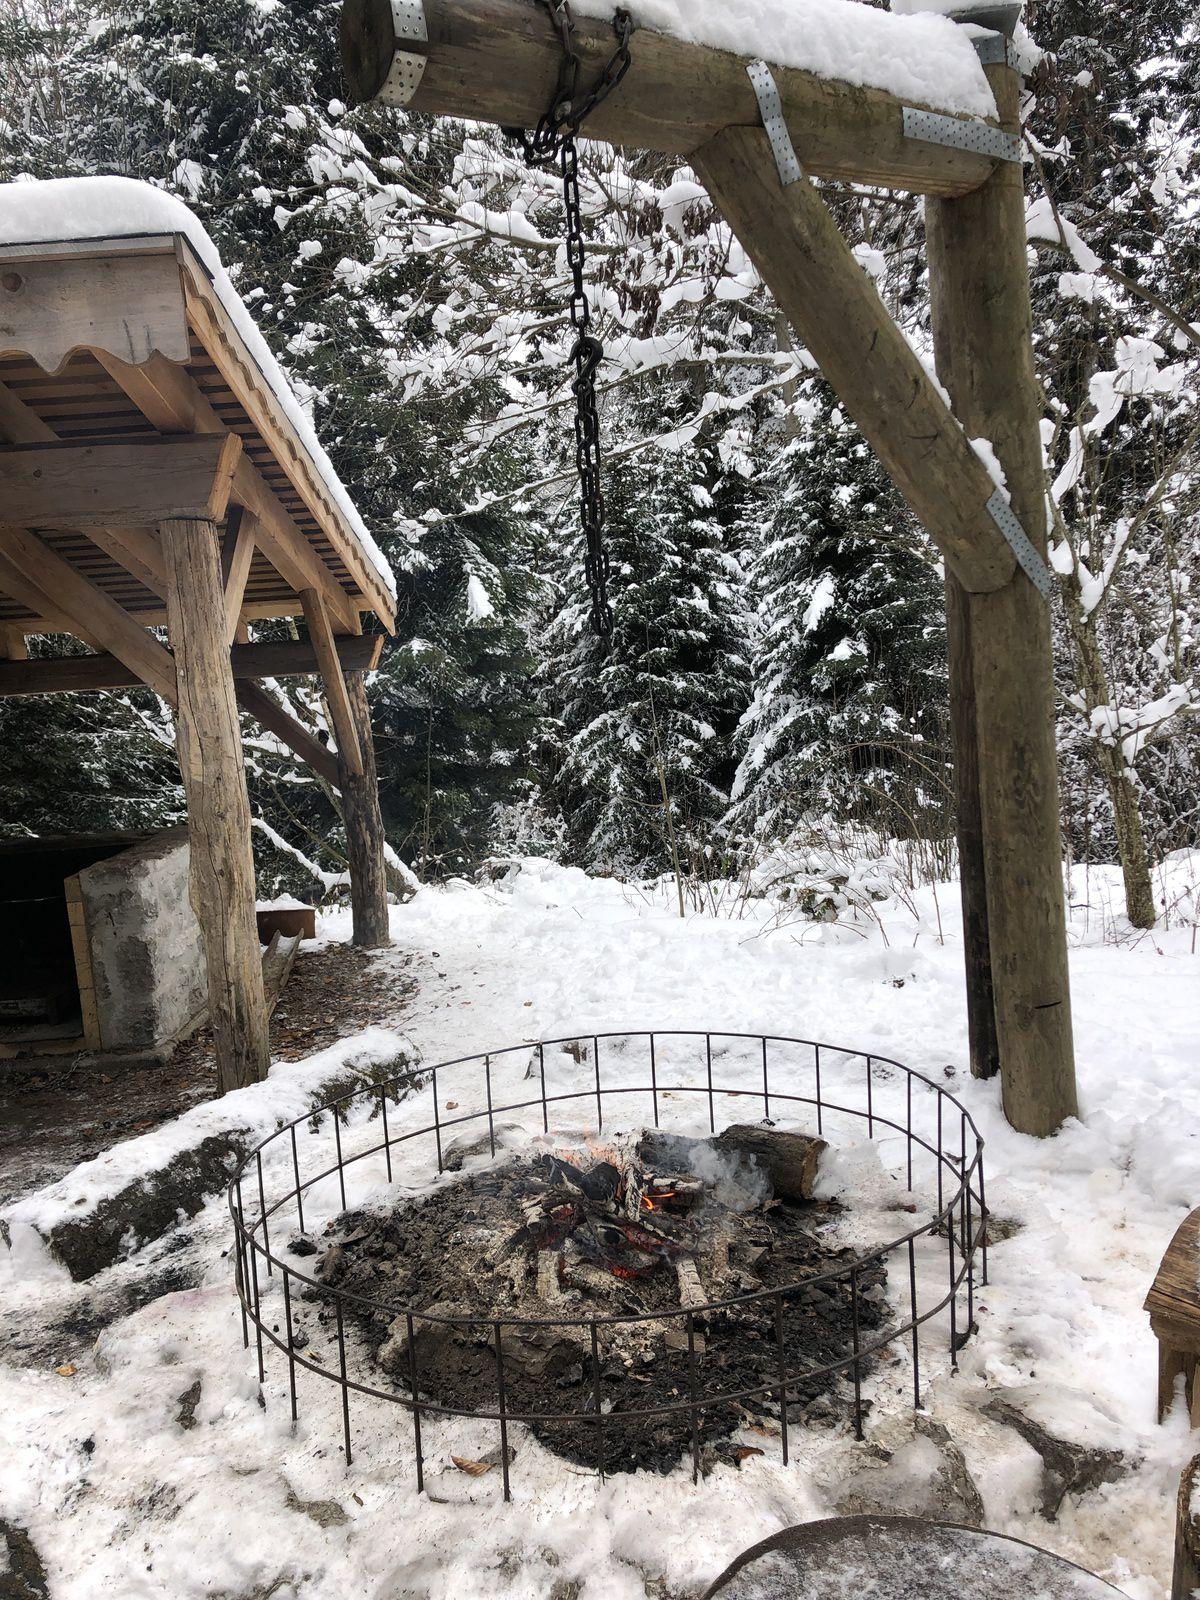 Mardi 5 janvier 2021 : Le Crêt, Montborget, Bois de Ban la Verrerie